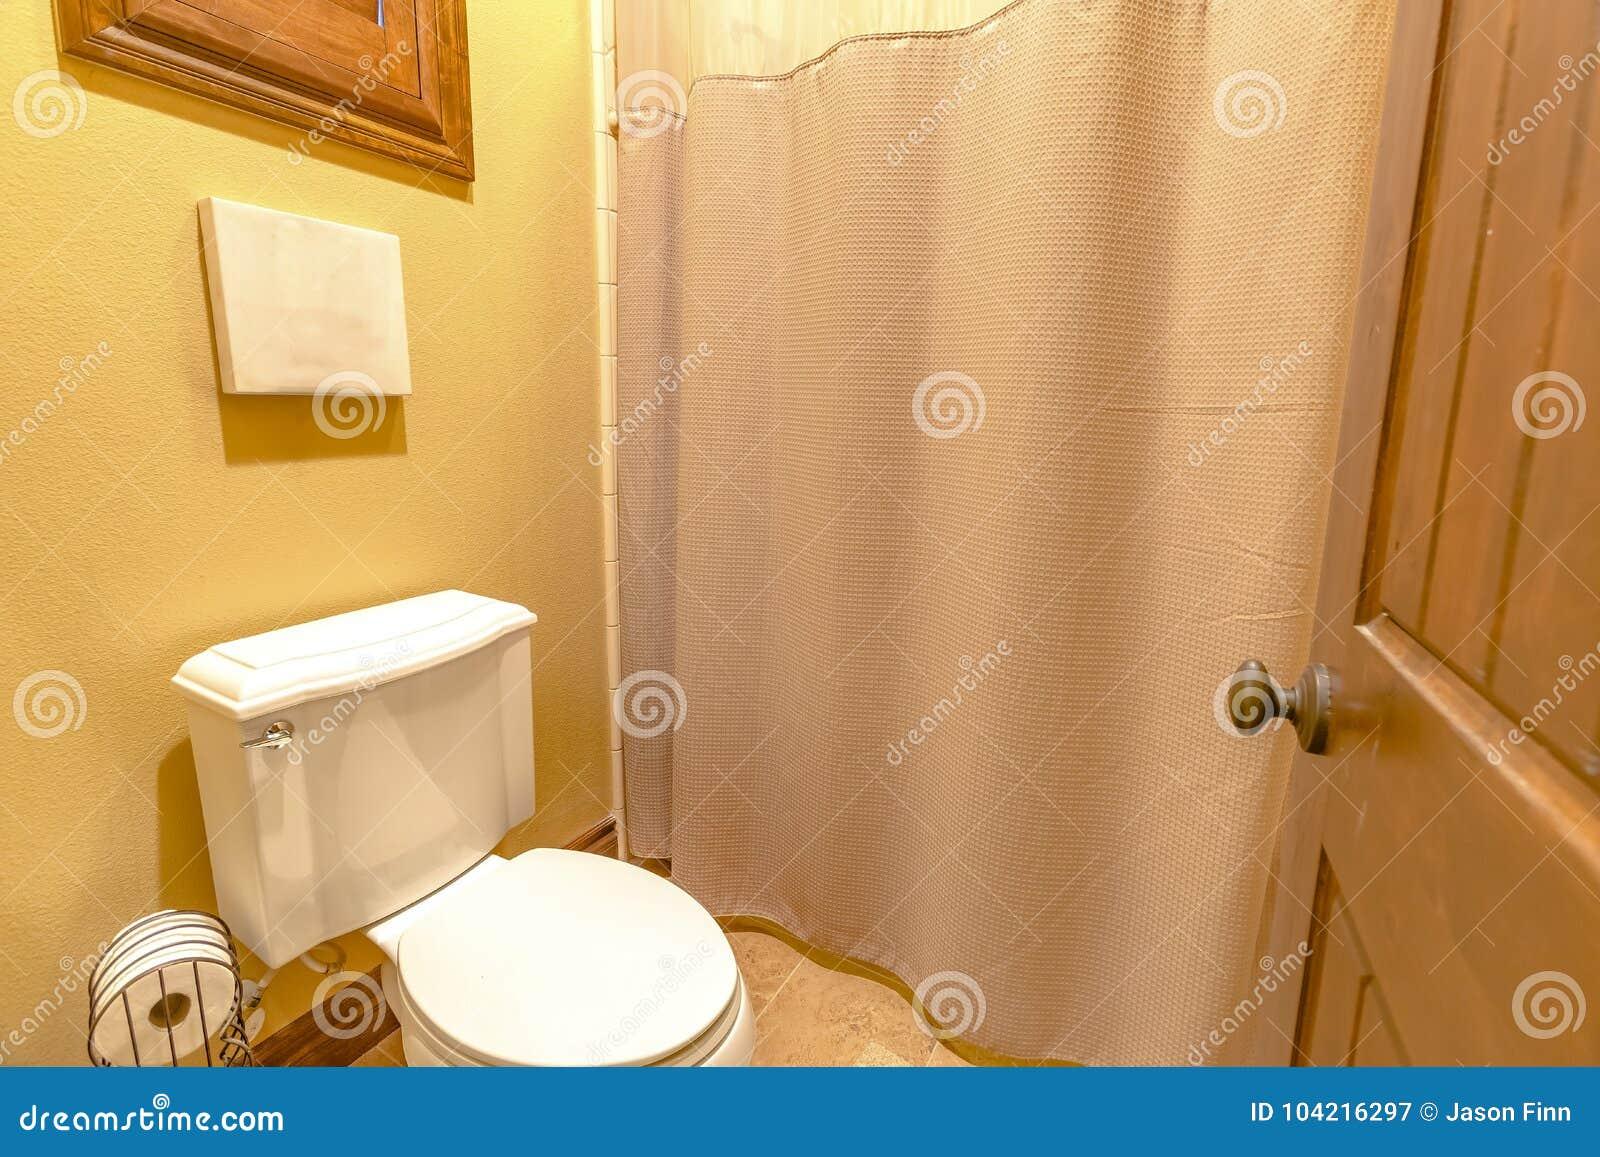 łazienka Z Toalety I Prysznic Zasłonami Wraz Z Pustą Kanwą